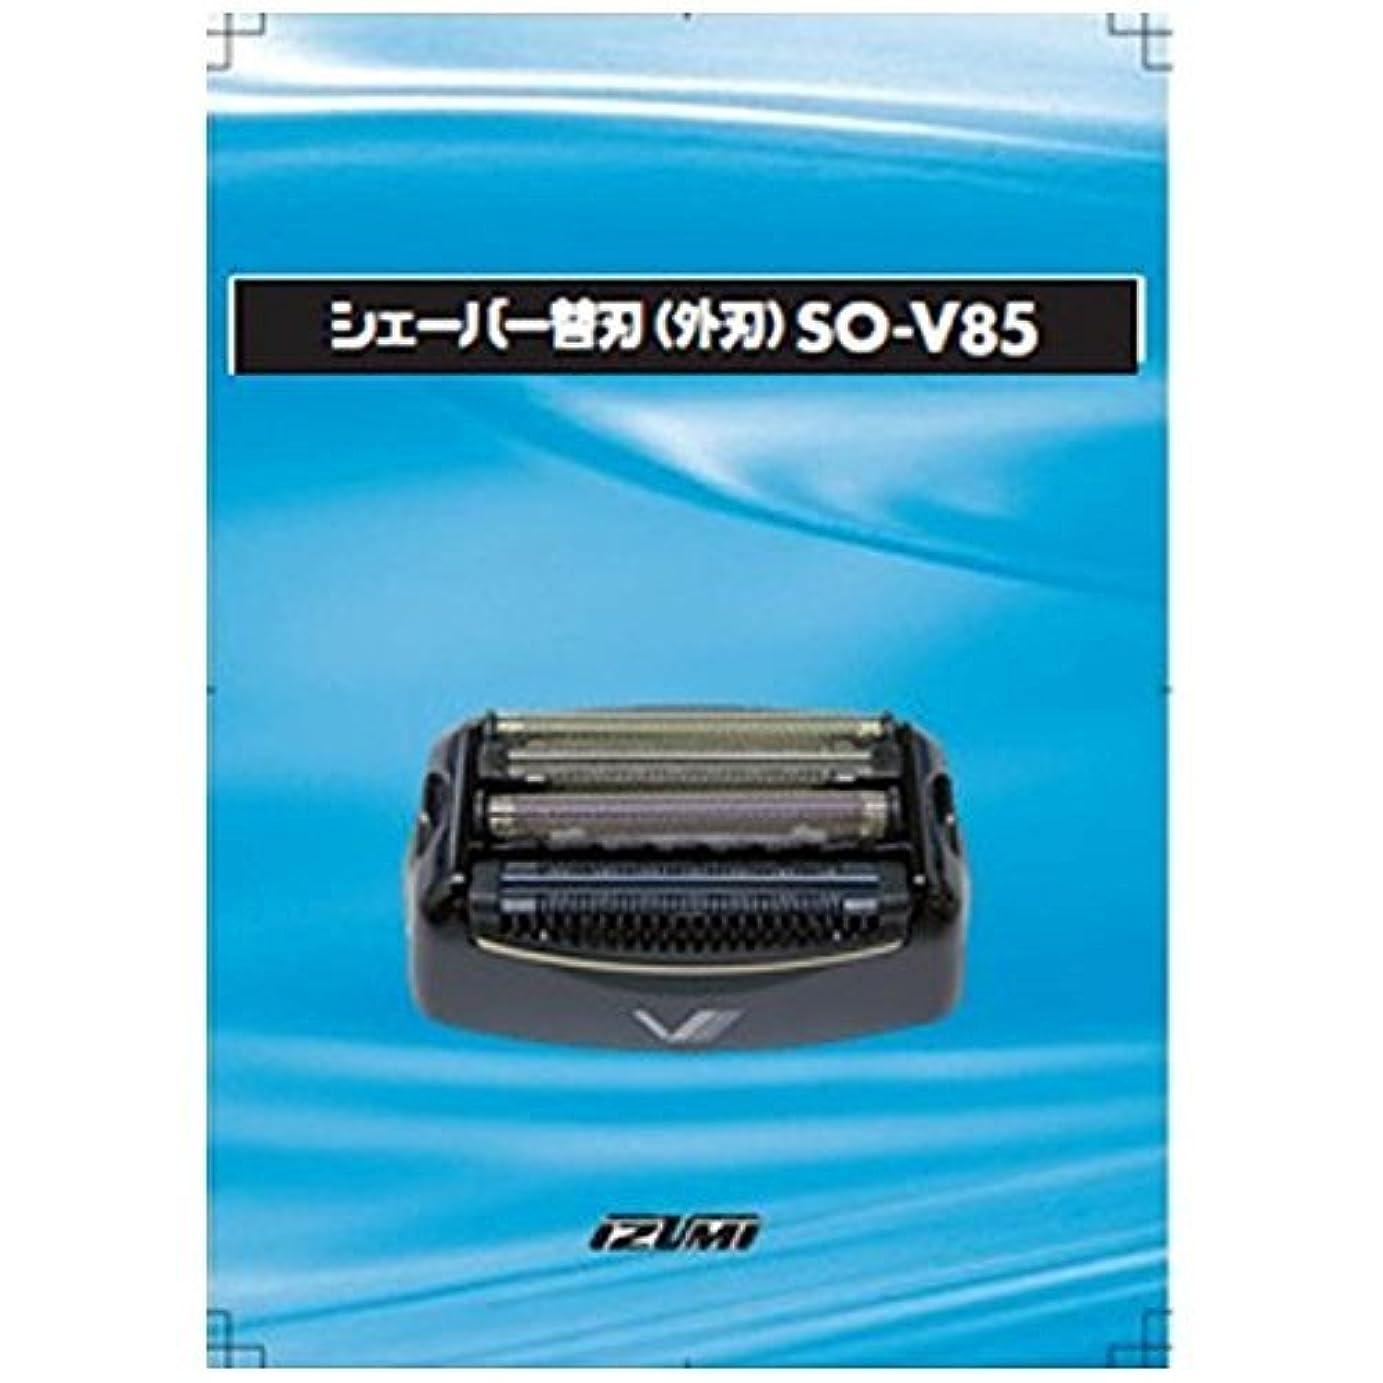 変換する失敗覆すイズミ 交換用替刃(外刃)IZUMI SO-V85